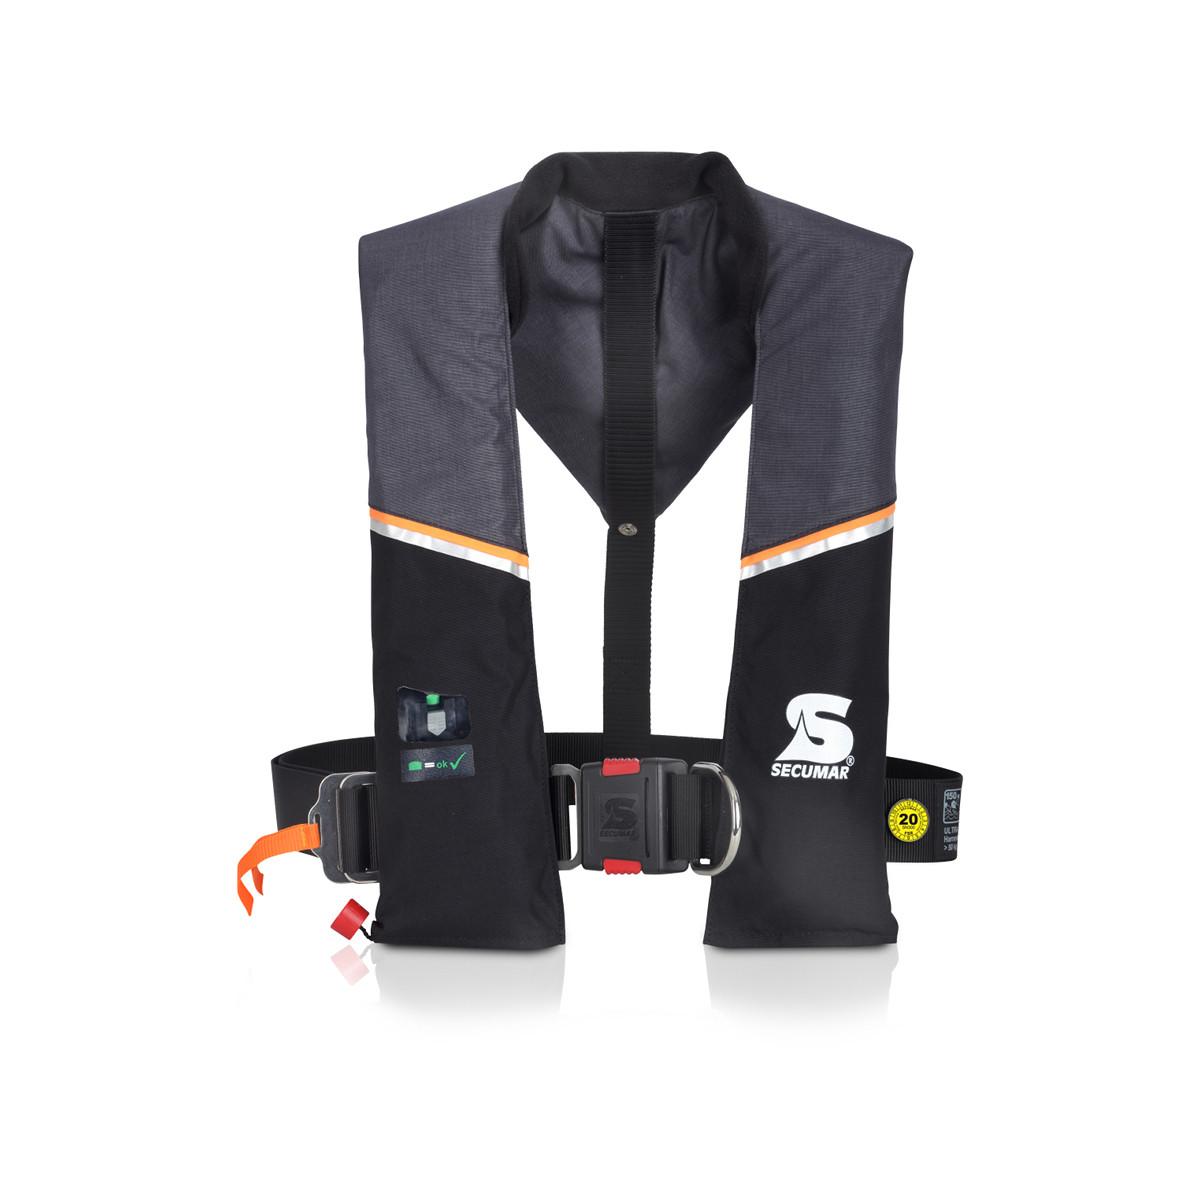 Secumar Ultra 170 automatische reddingsvest met harnas en lifebelt 165N, kleur grijs-zwart